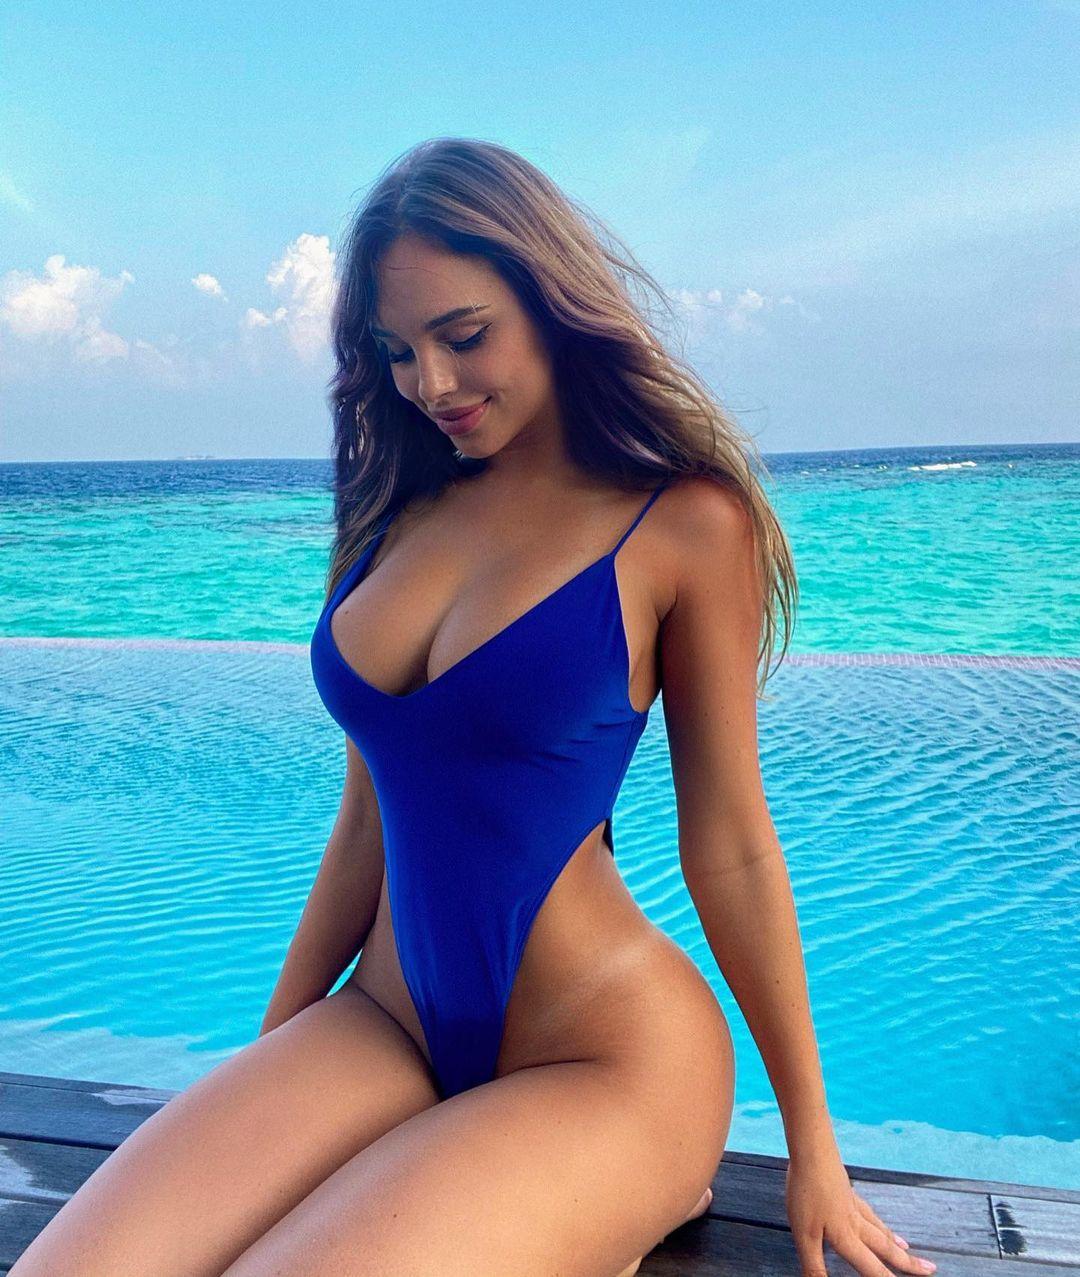 Красивые русые девушки с длинными волосами: сексуальные фото 9